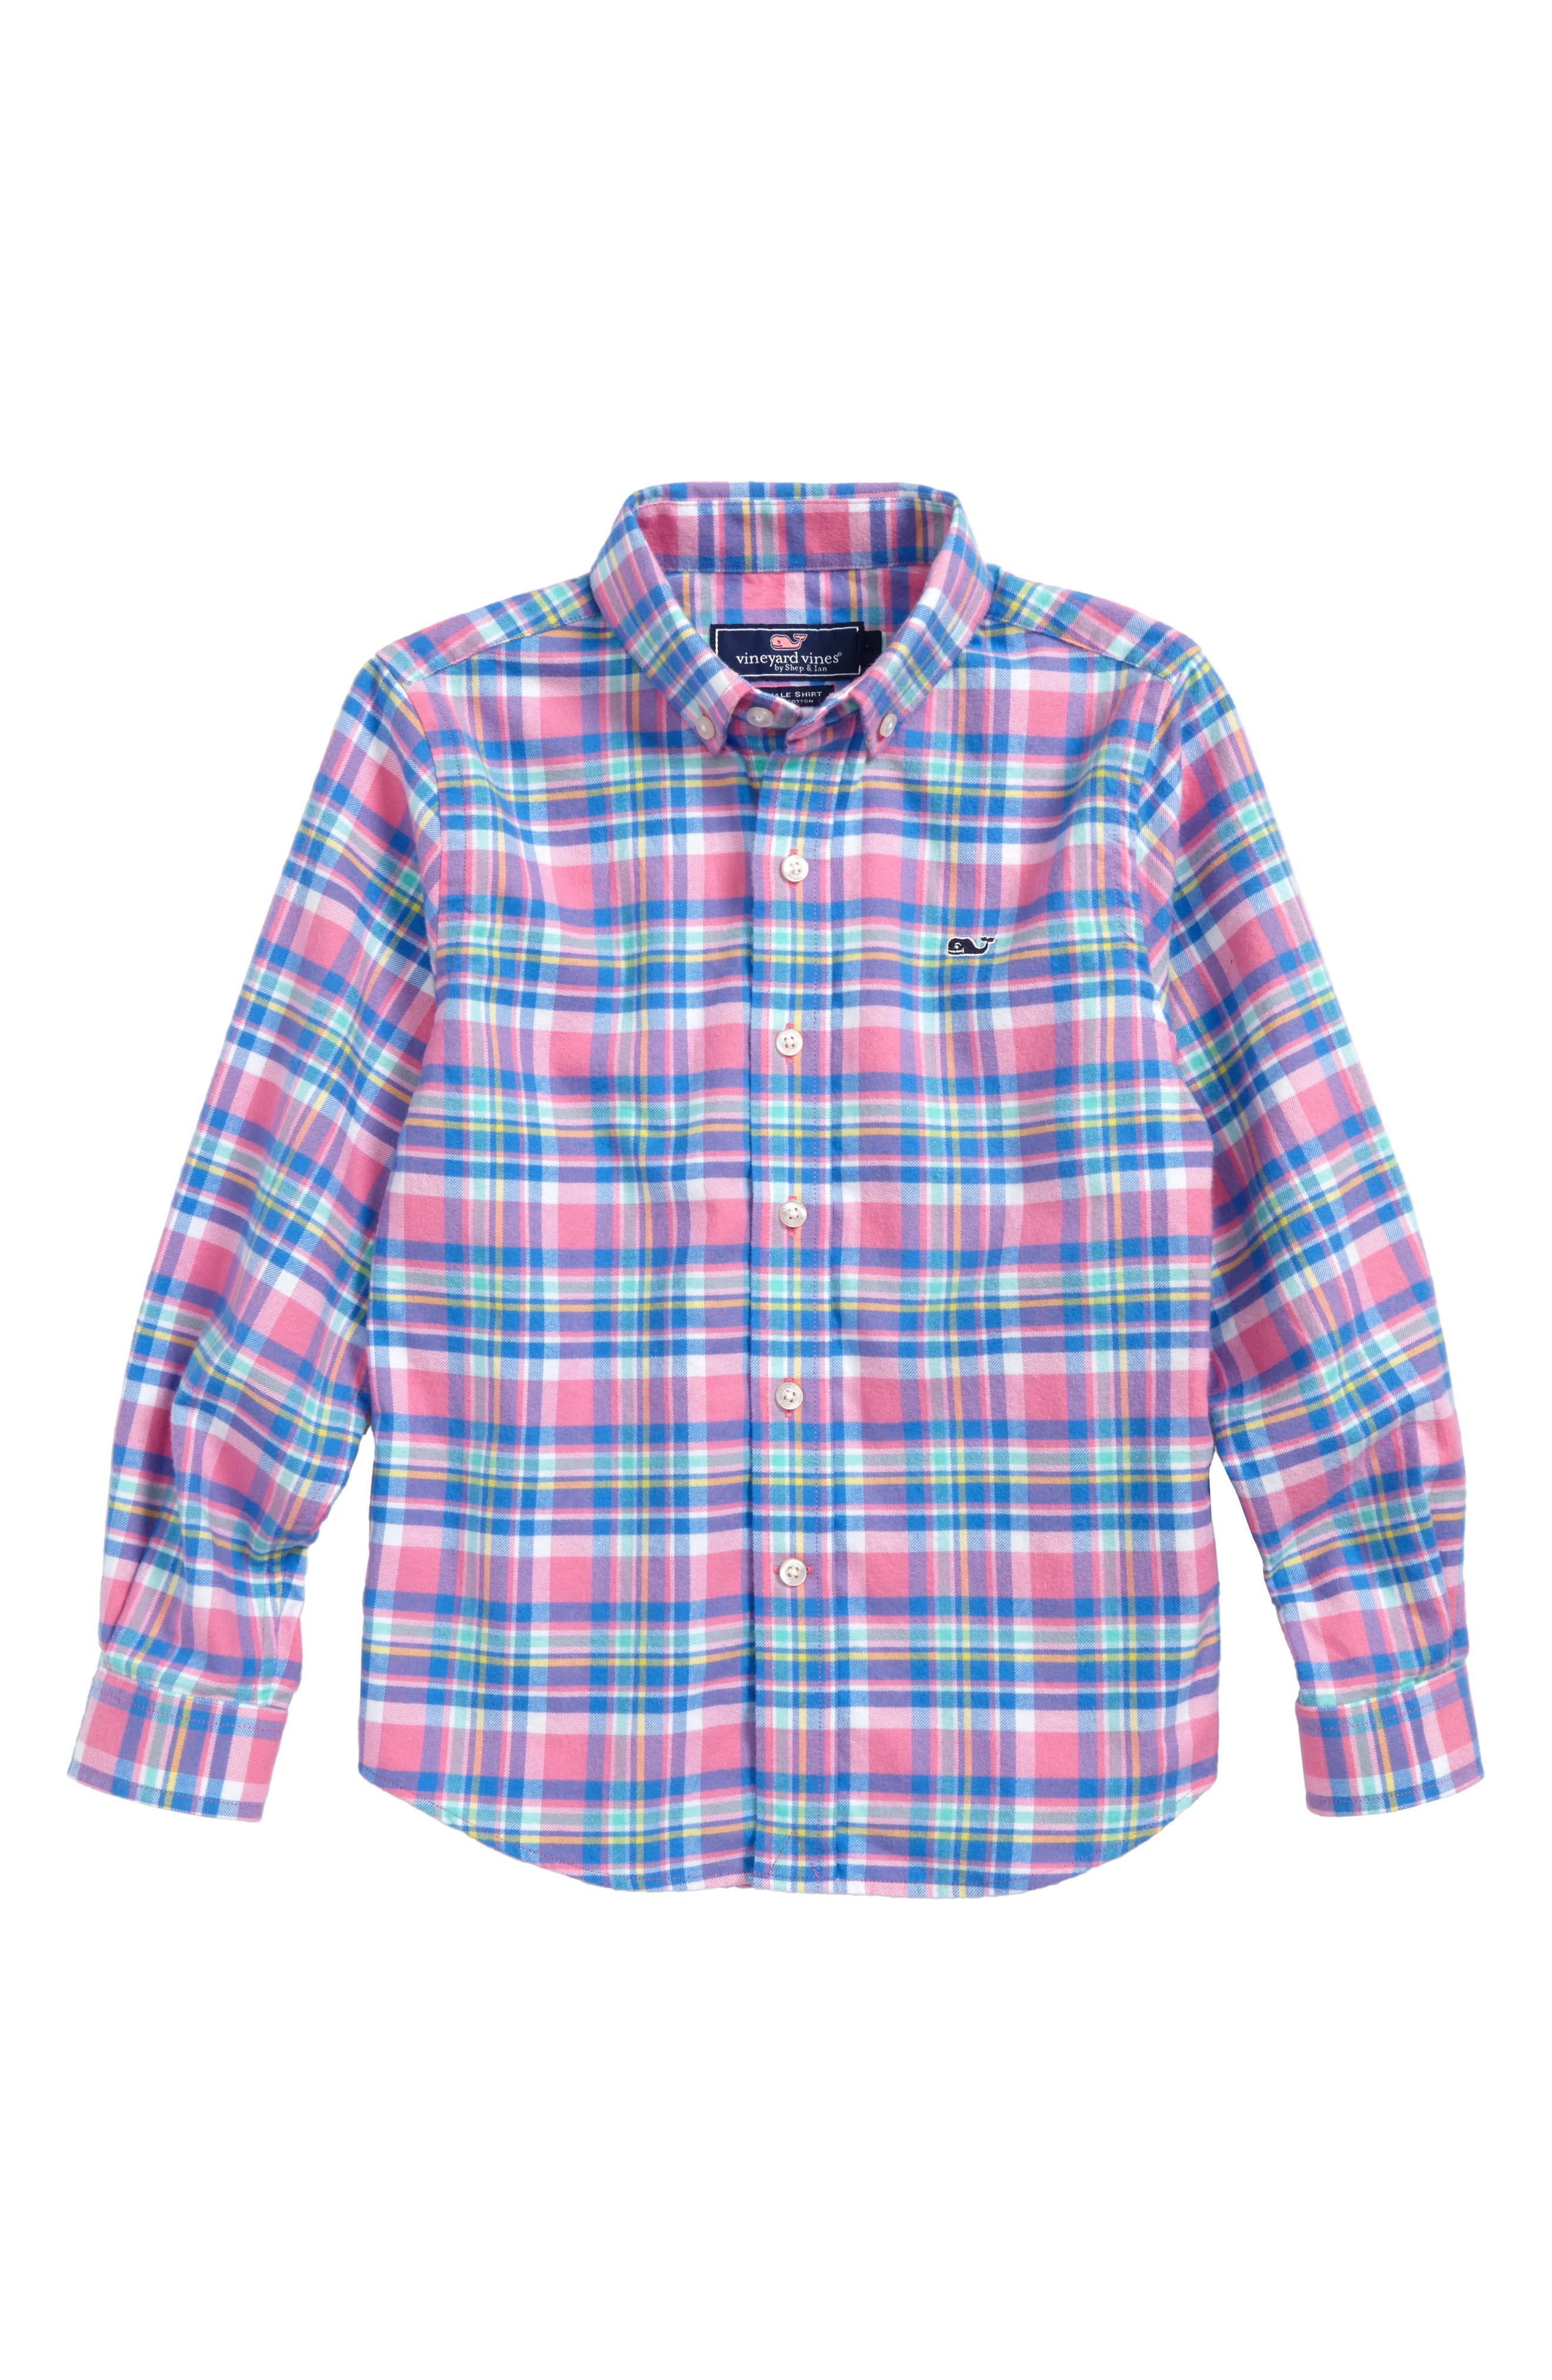 Cape Haze Plaid Flannel Shirt,                             Main thumbnail 1, color,                             400